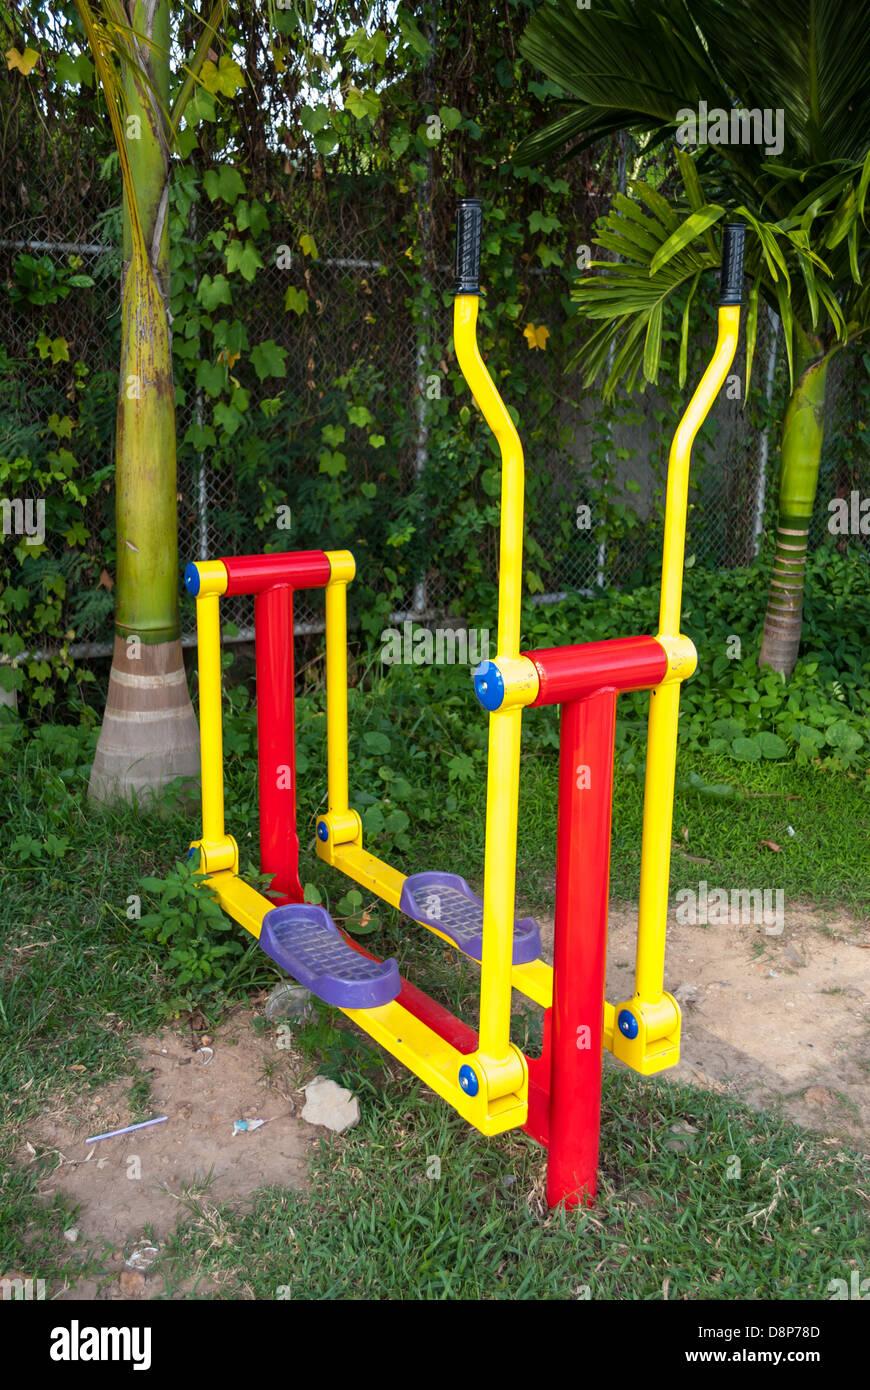 La máquina de ejercicio en parque público. Imagen De Stock